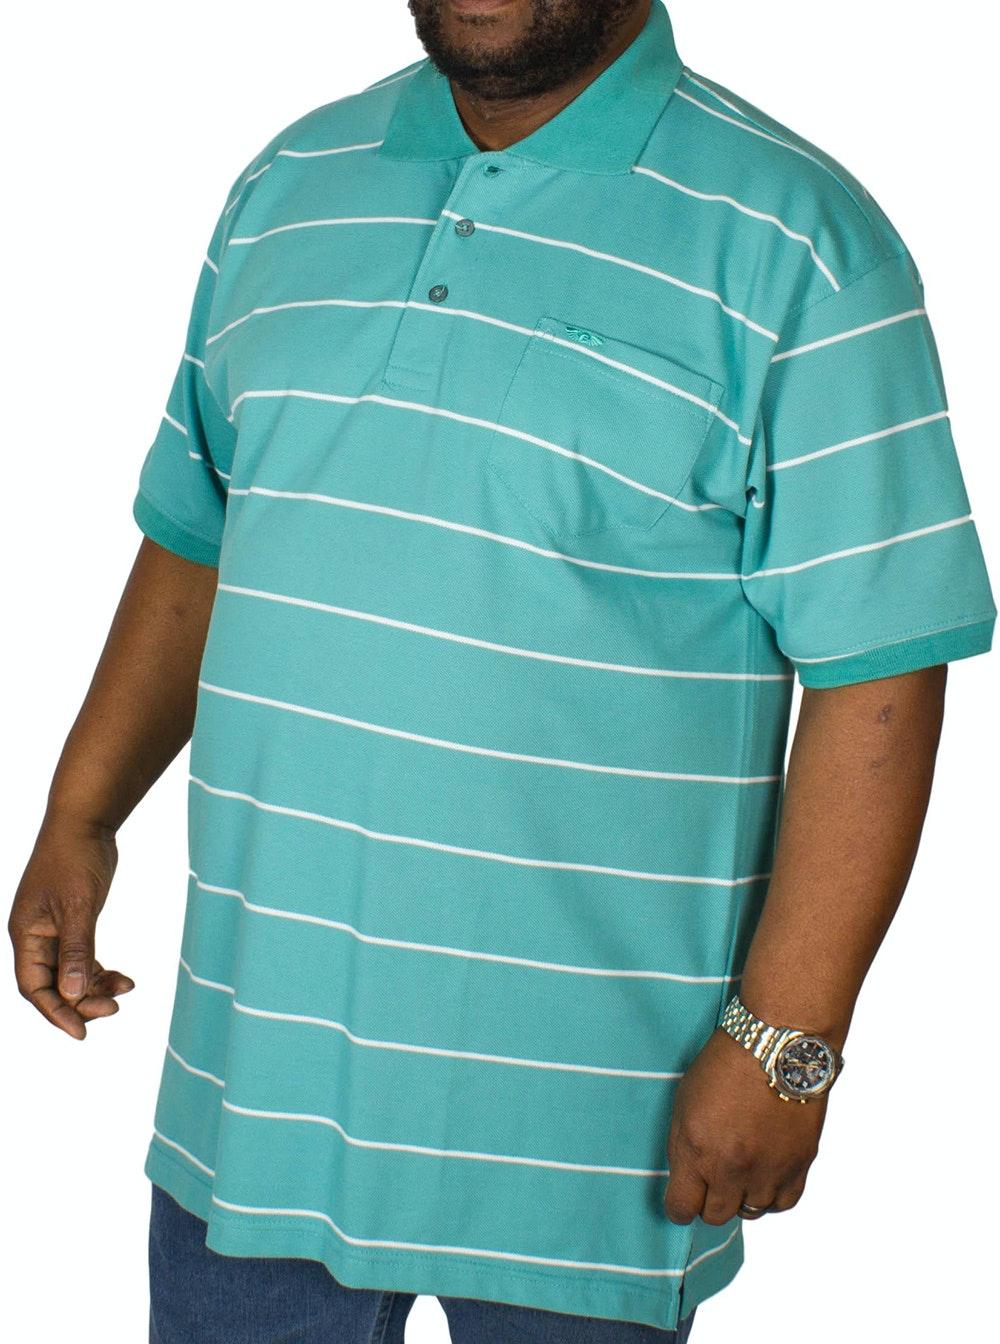 KAM Forge Stripe Polo Shirt Sea